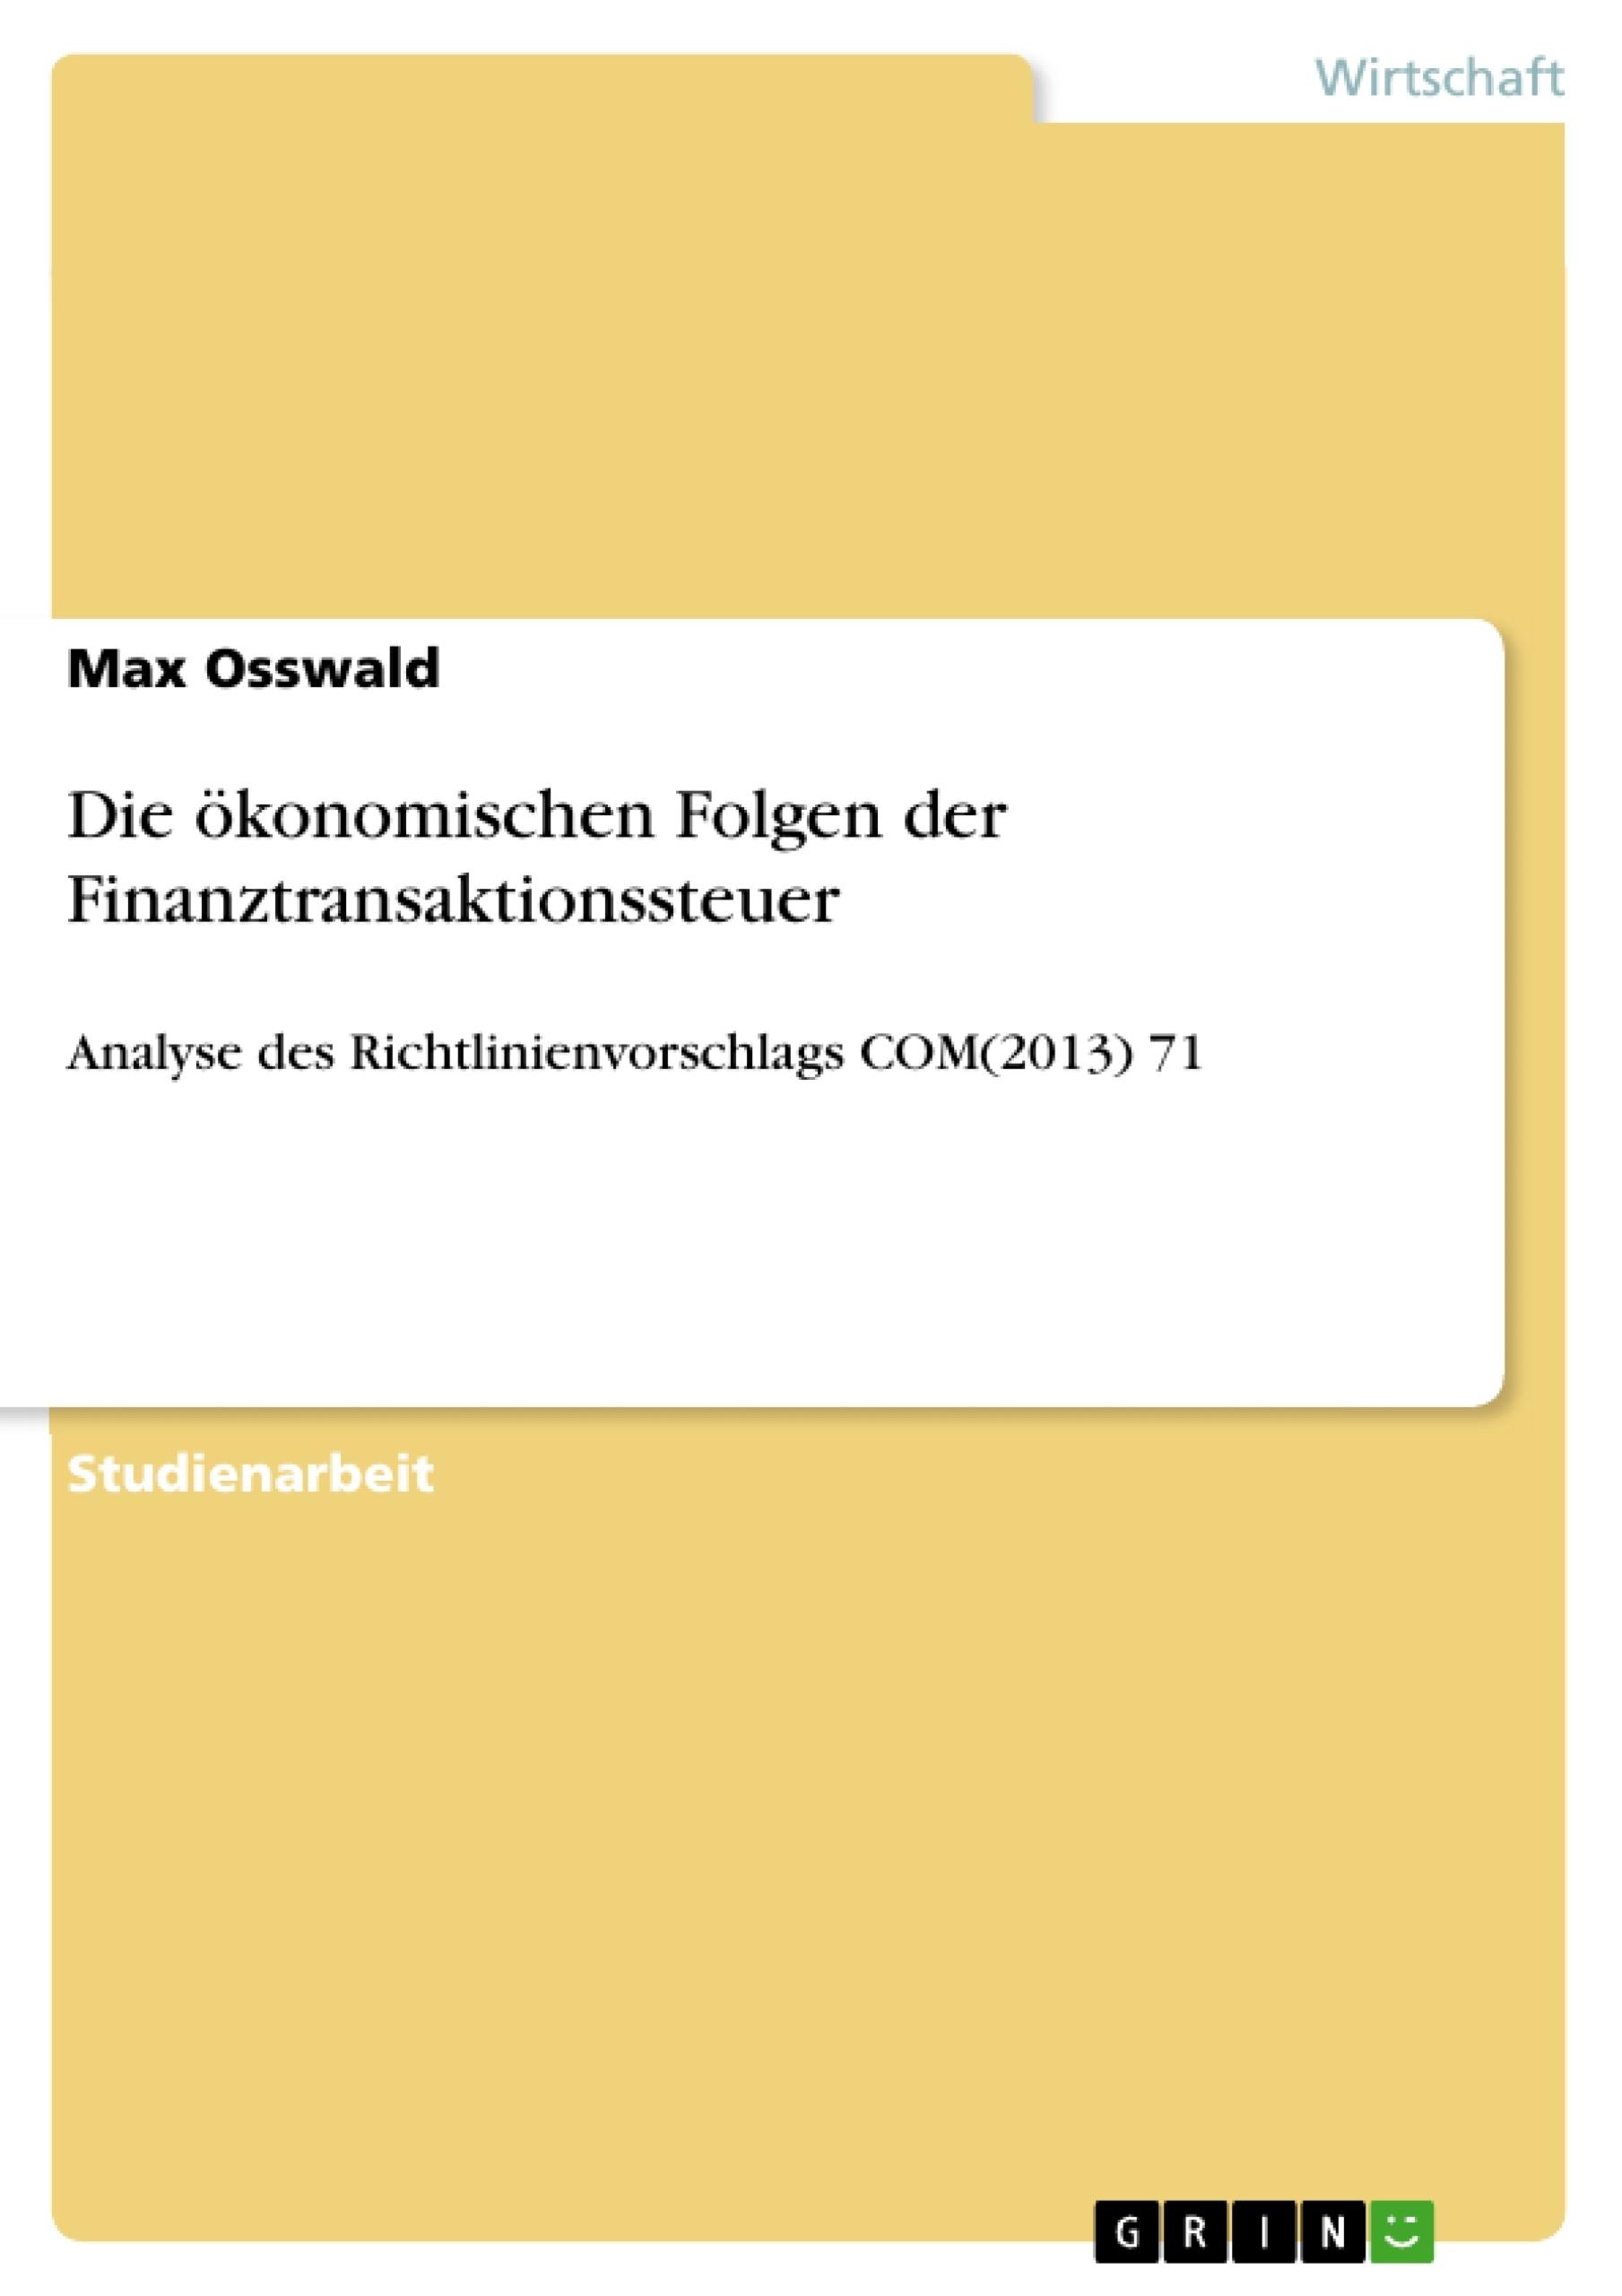 Titel: Die ökonomischen Folgen der Finanztransaktionssteuer